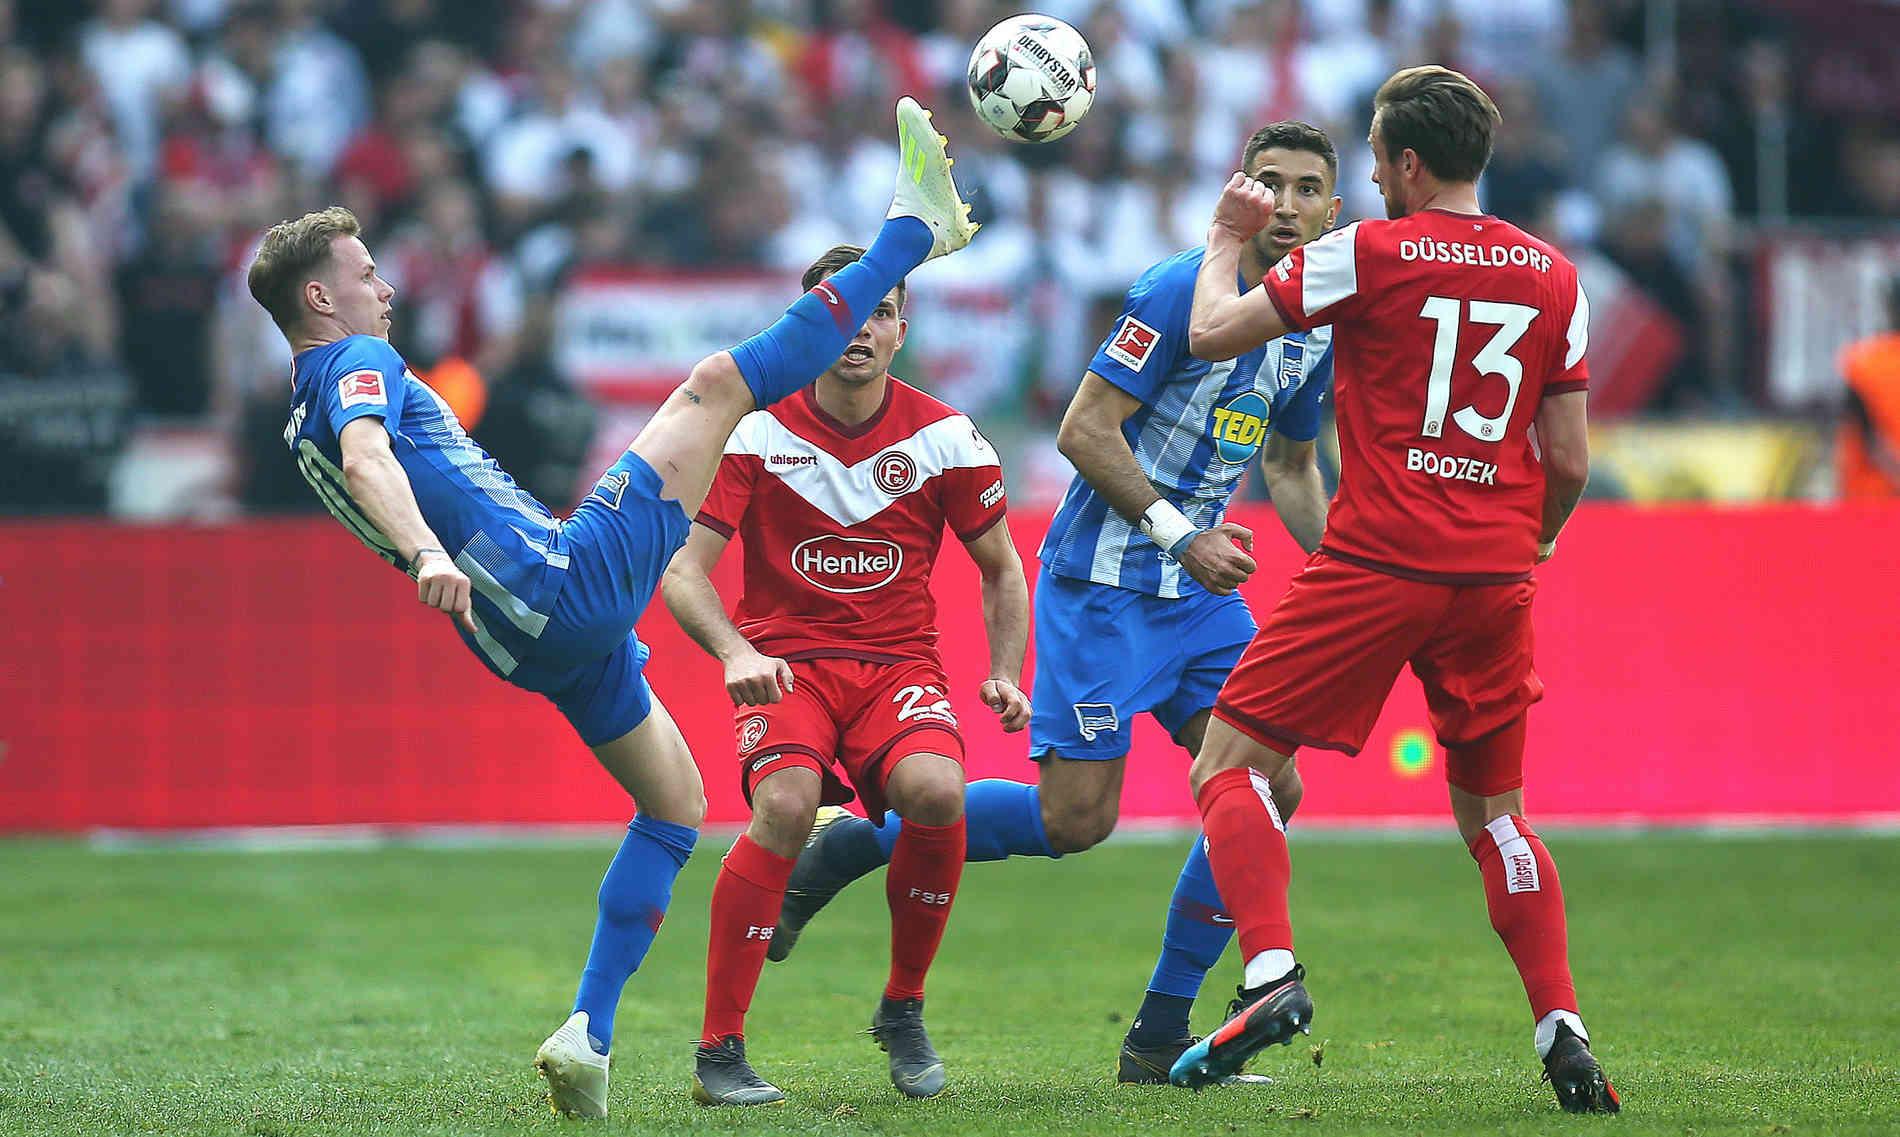 Kết quả hình ảnh cho Fortuna Düsseldorf vs Hertha BSC preview